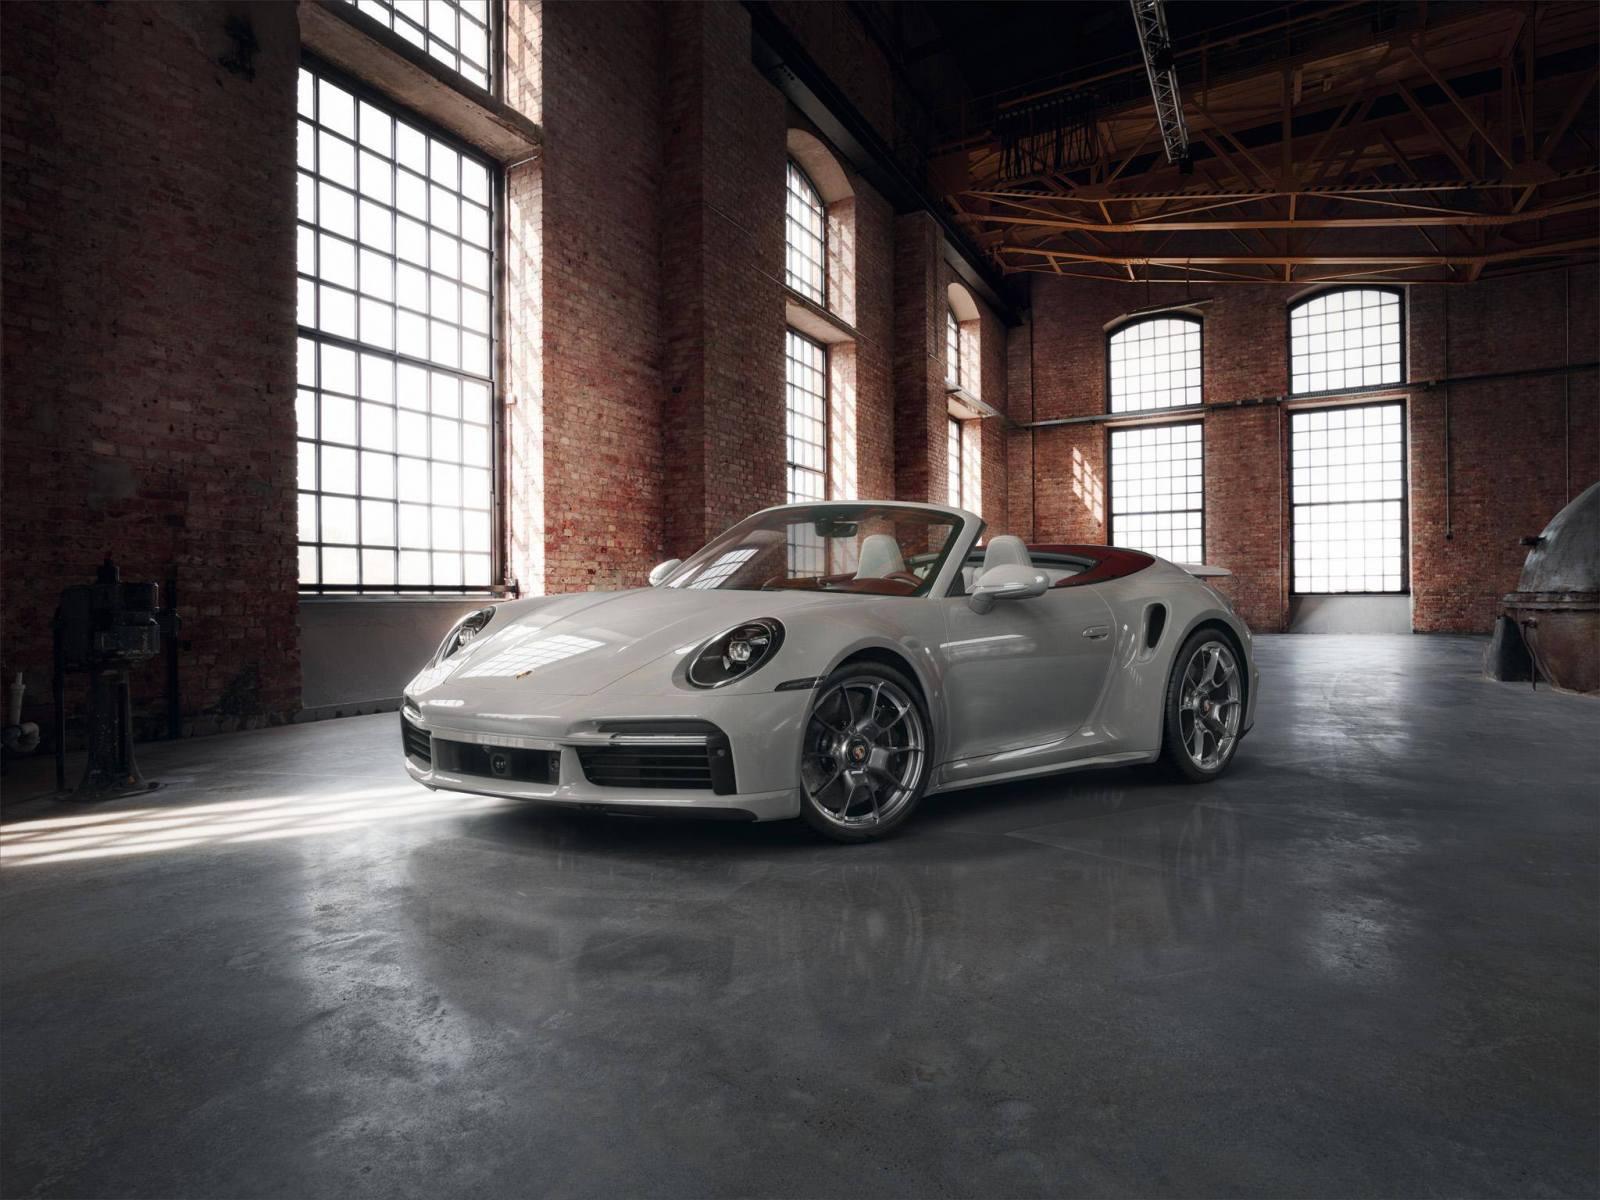 Porsche 911 Turbo S 2020 - Interni bi-tono